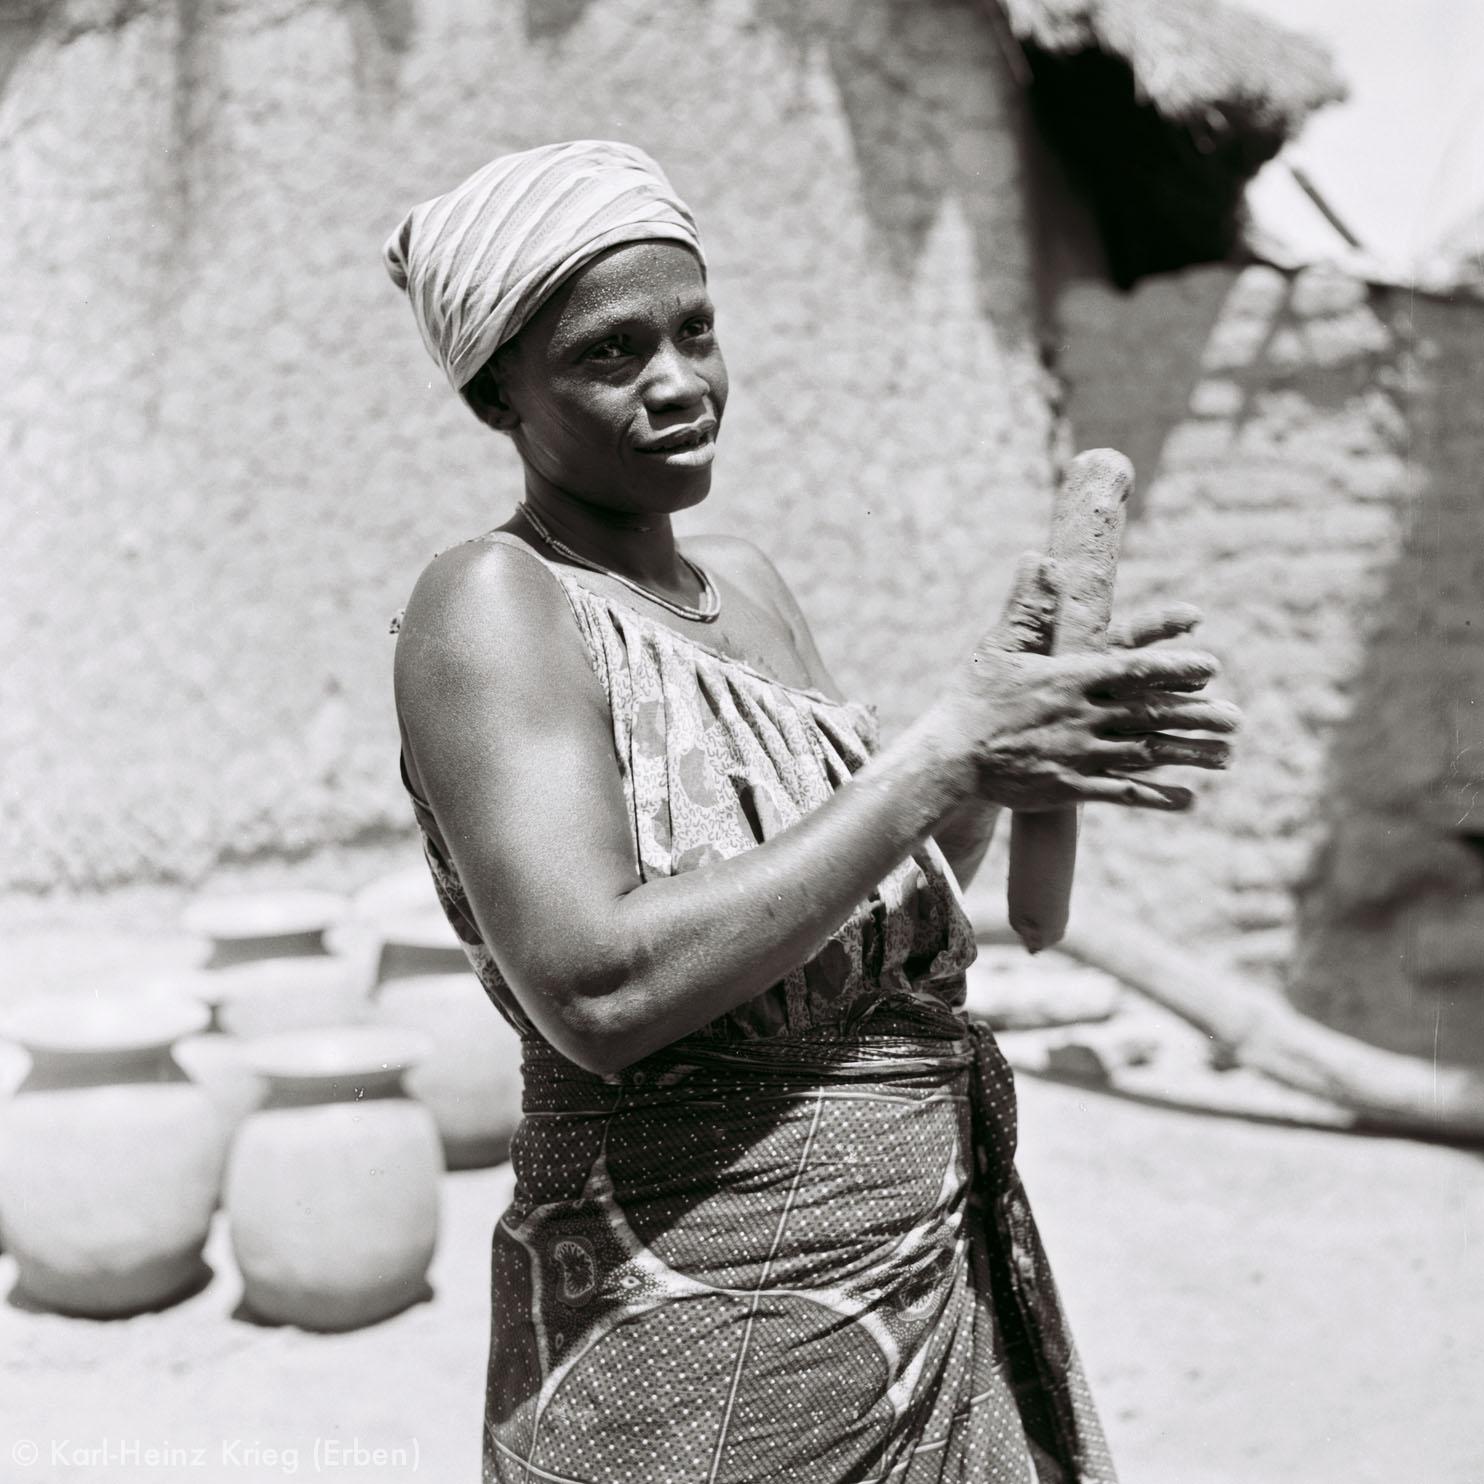 Numu -Töpferin formt frischen Ton. Foto: Karl-Heinz Krieg, Gbon (Region von Boundiali, Côte d'Ivoire), 1965